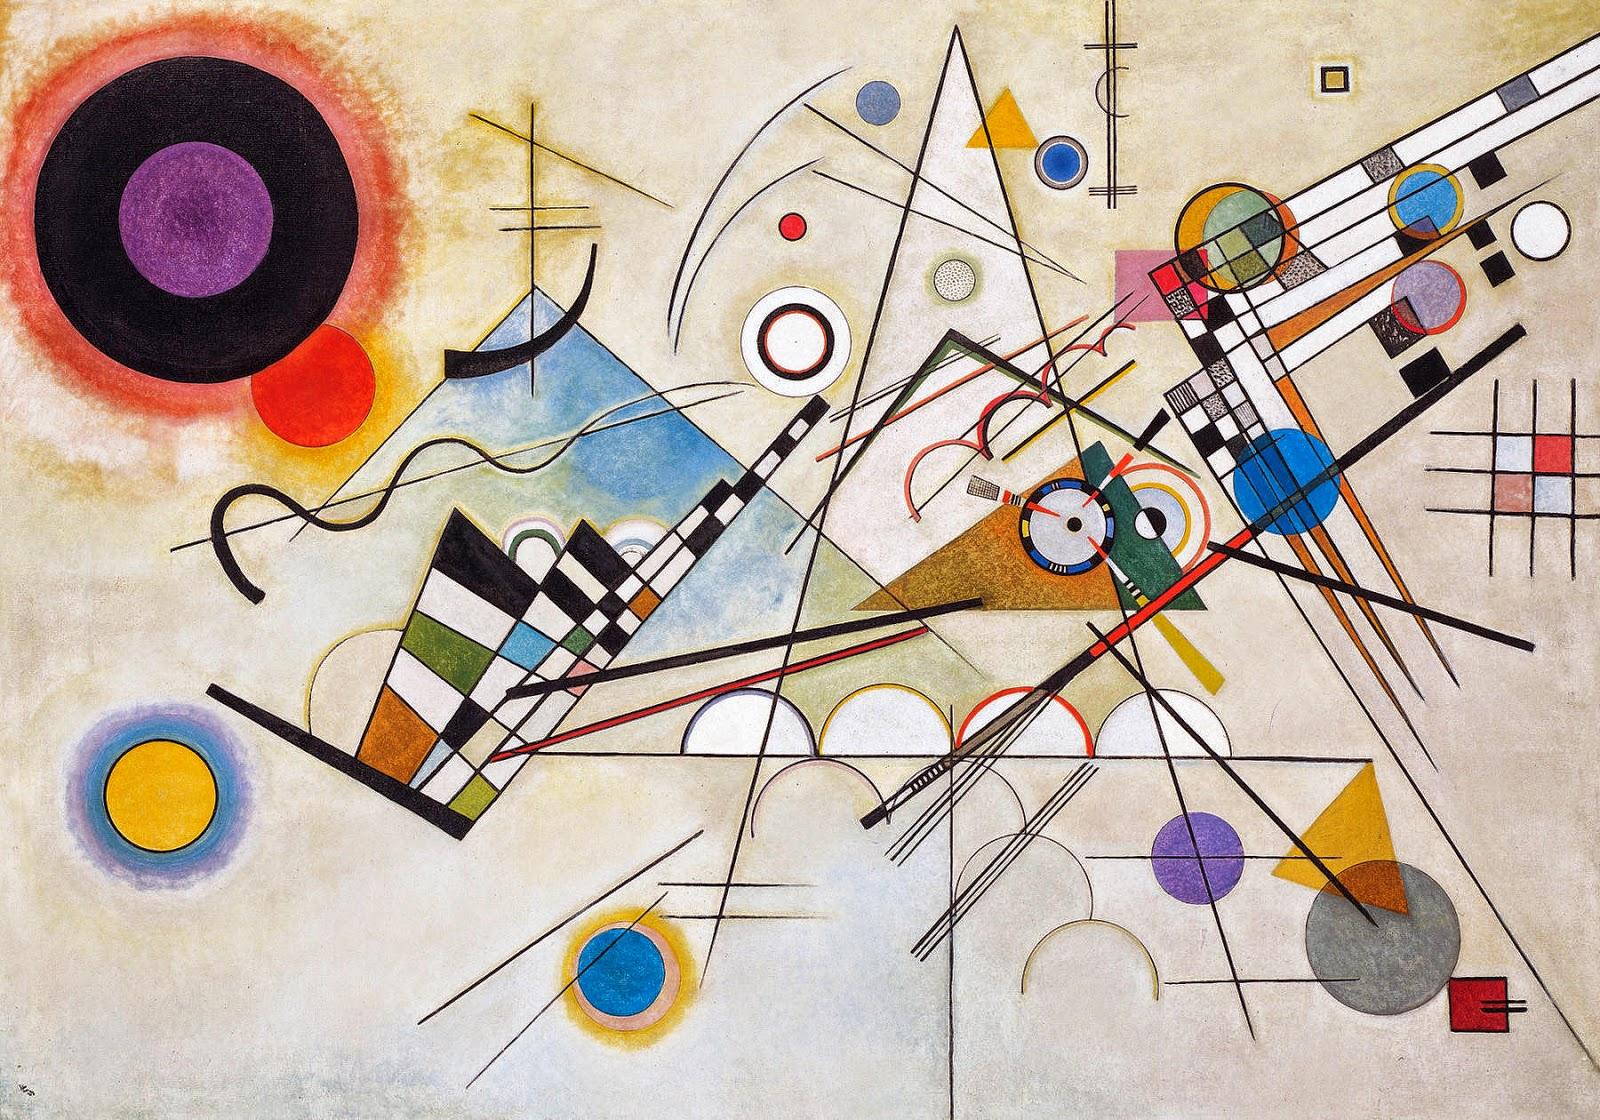 Τα Μαθηματικά, η Μουσική και η Ζωγραφική (κάποιες σκέψεις σαν εξομολόγηση)